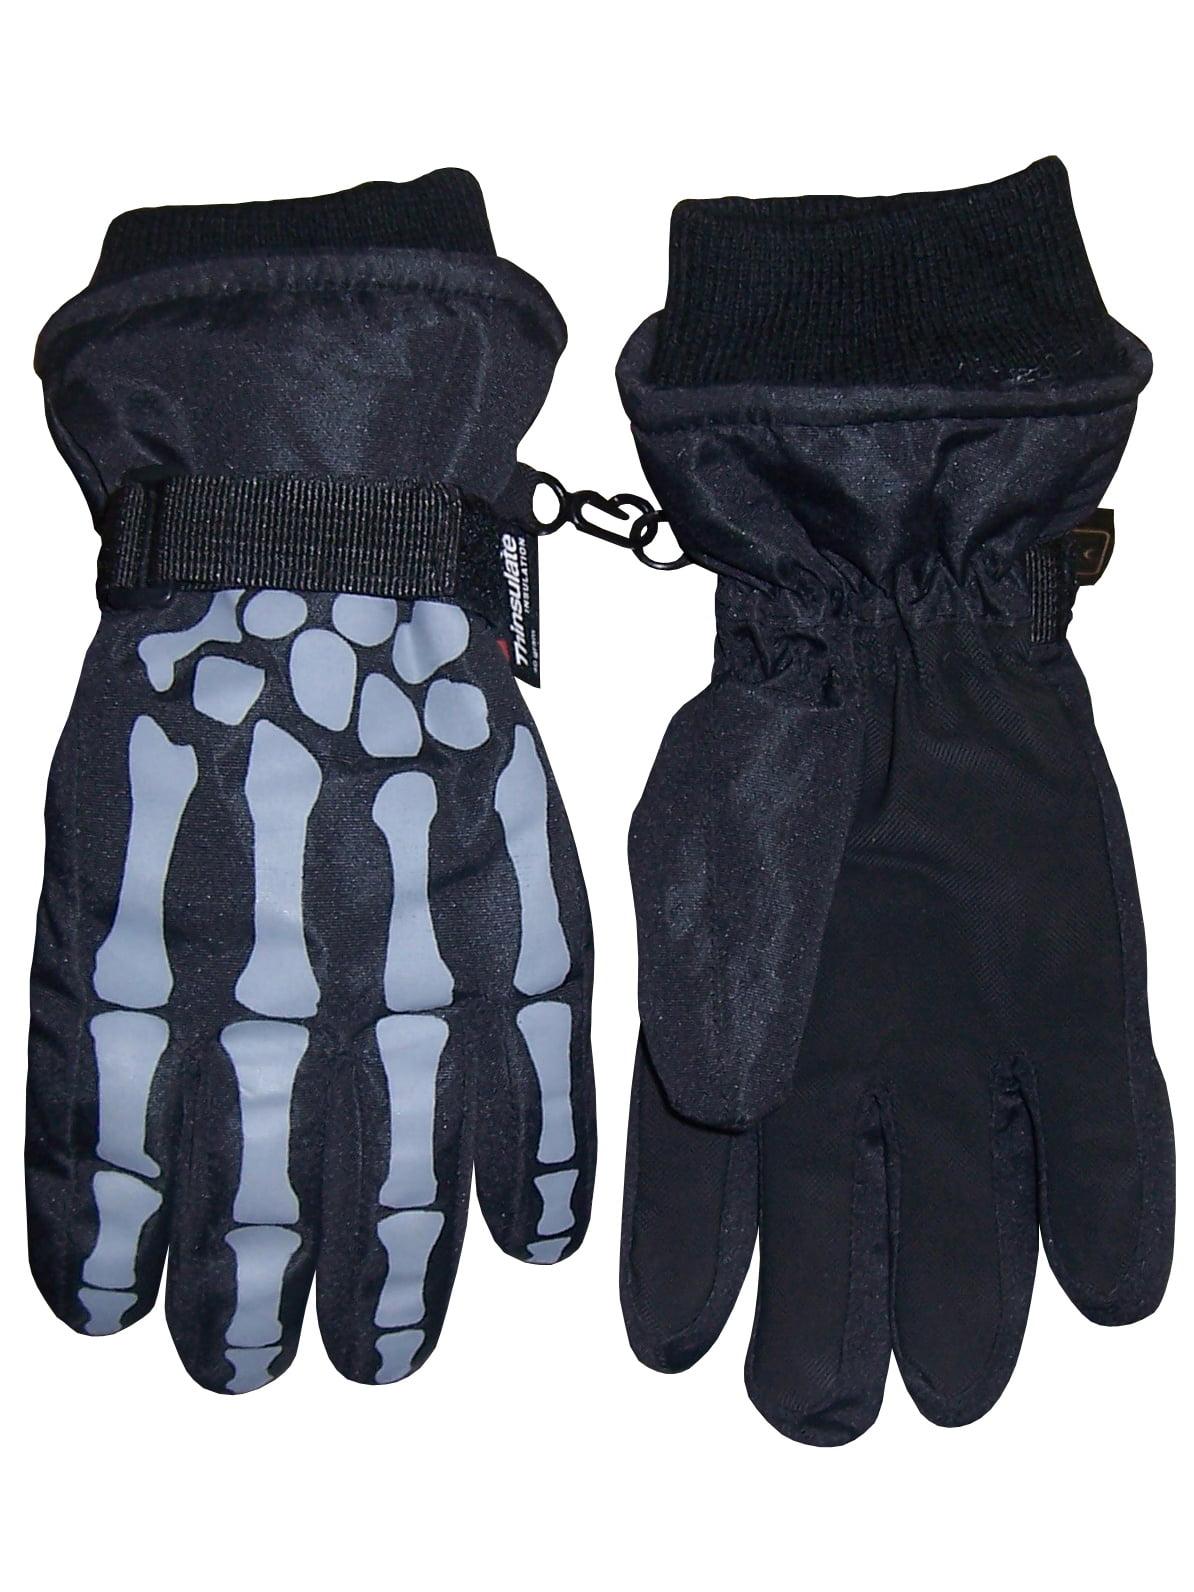 Children Warm Winter Full Finger Gloves Baby Fleece Lined Snow Ski Mittens